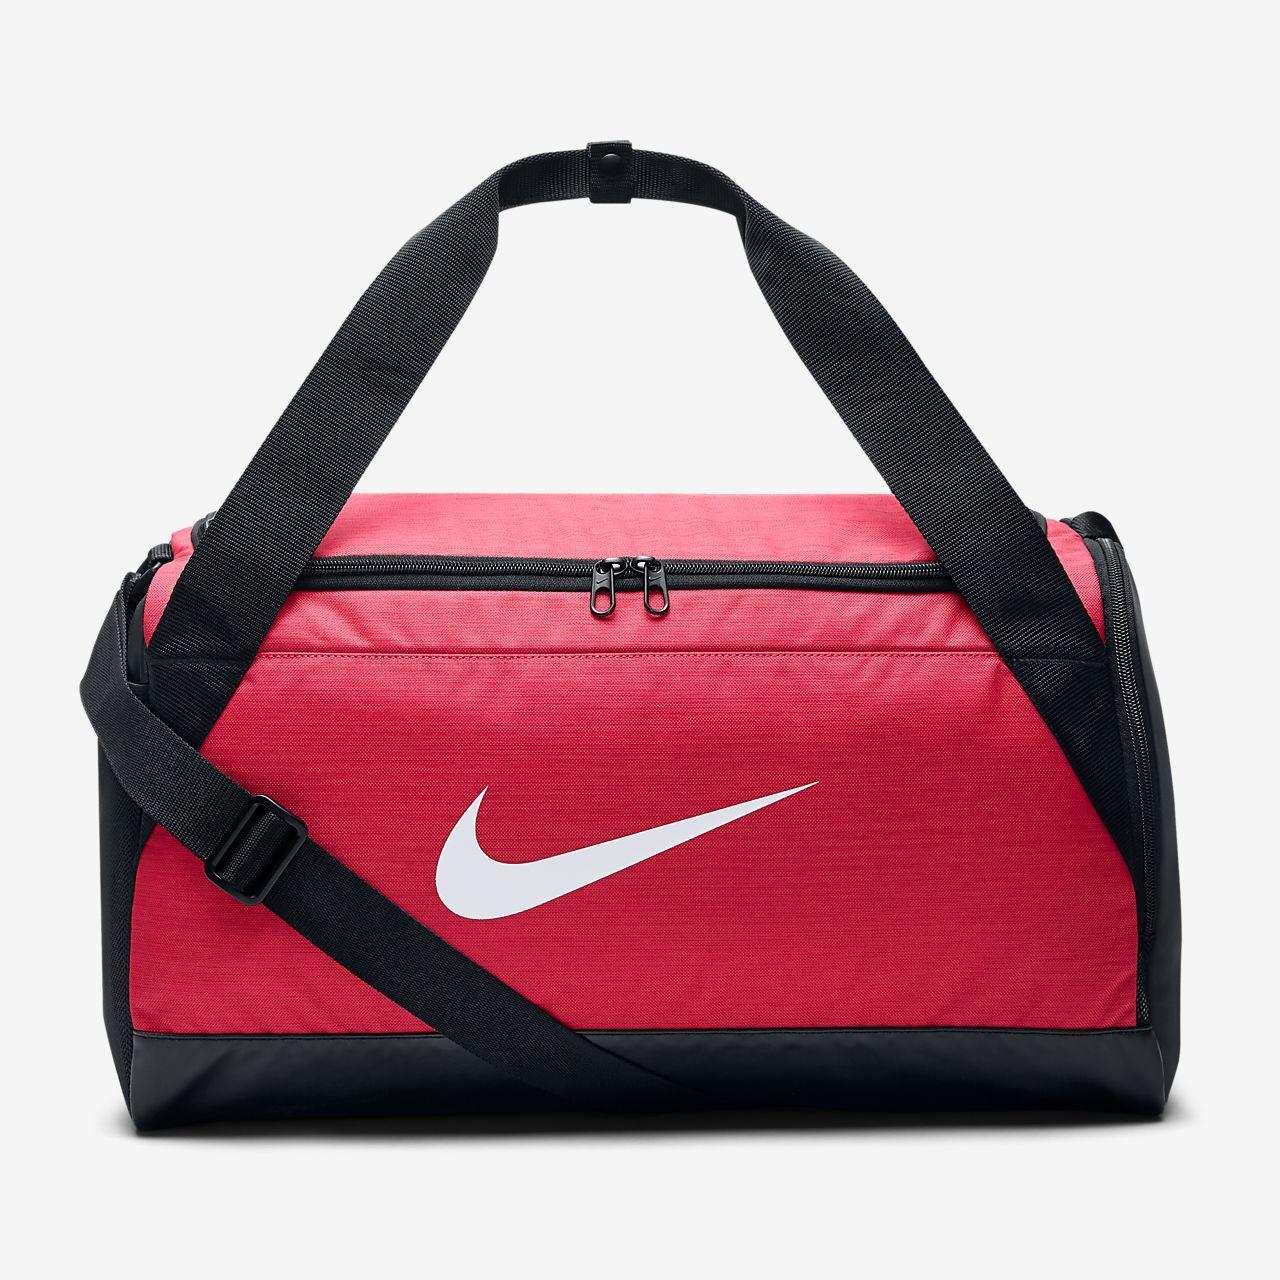 Женская спортивная сумка маленькая Nike Brazilia Duffel BA5432-644 XS 25 л (original) для спортзала